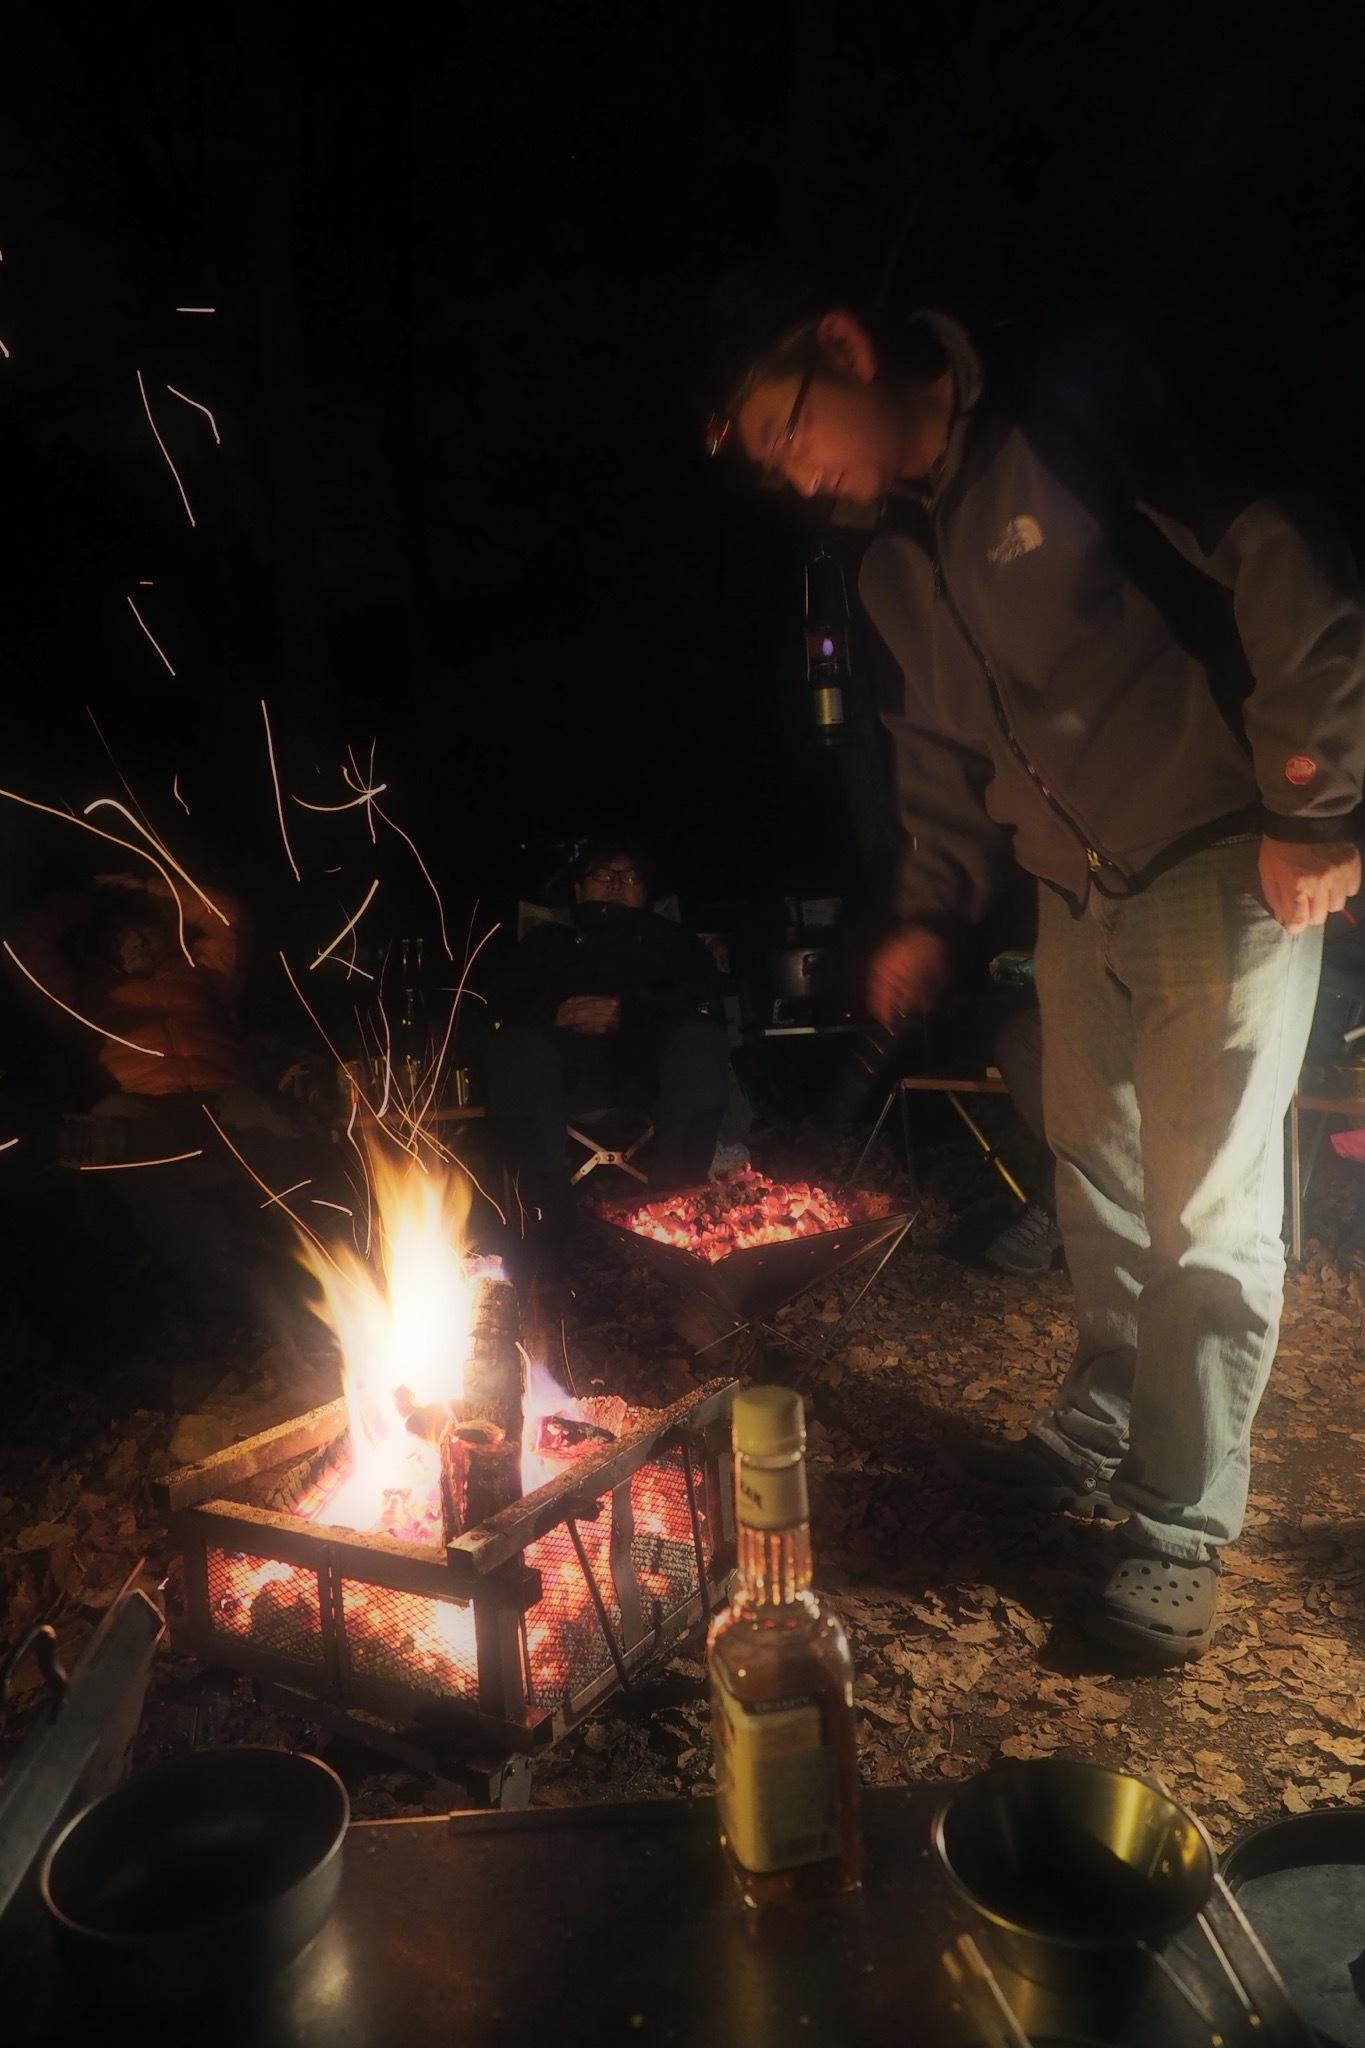 ◆キャンプマンズ2015 @ホウリーウッズ キャンプレポート①_b0008655_20422654.jpeg